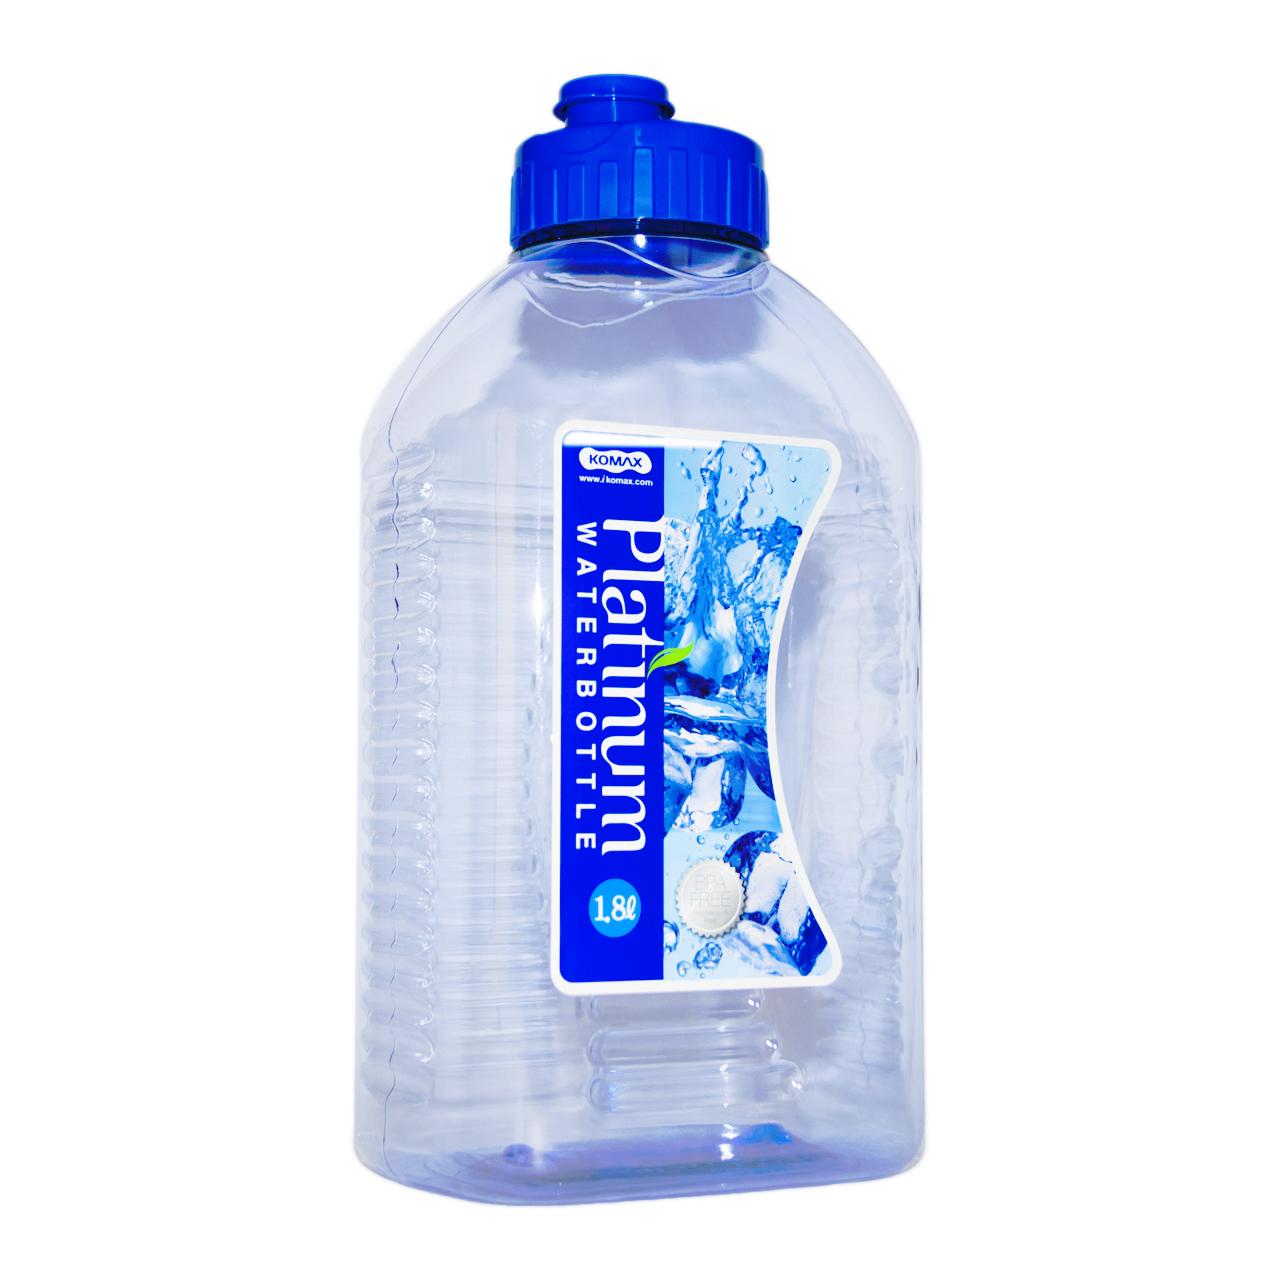 بطری کومکس مدل Platinum ظرفیت 1.8 لیتر